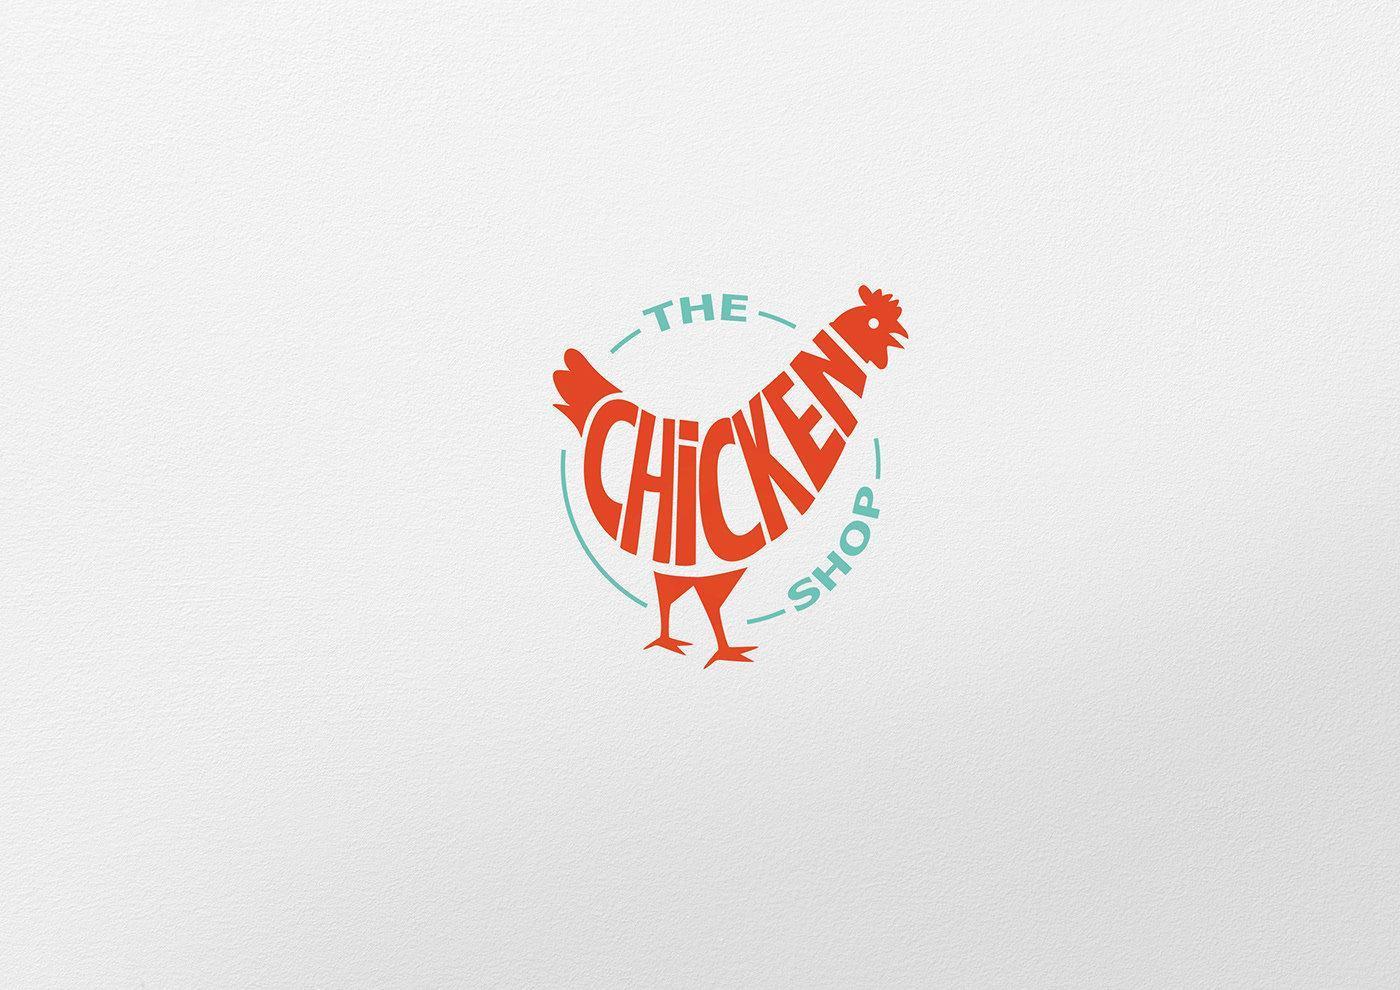 专业logo设计_这家专注卖鸡的店logo很新鲜